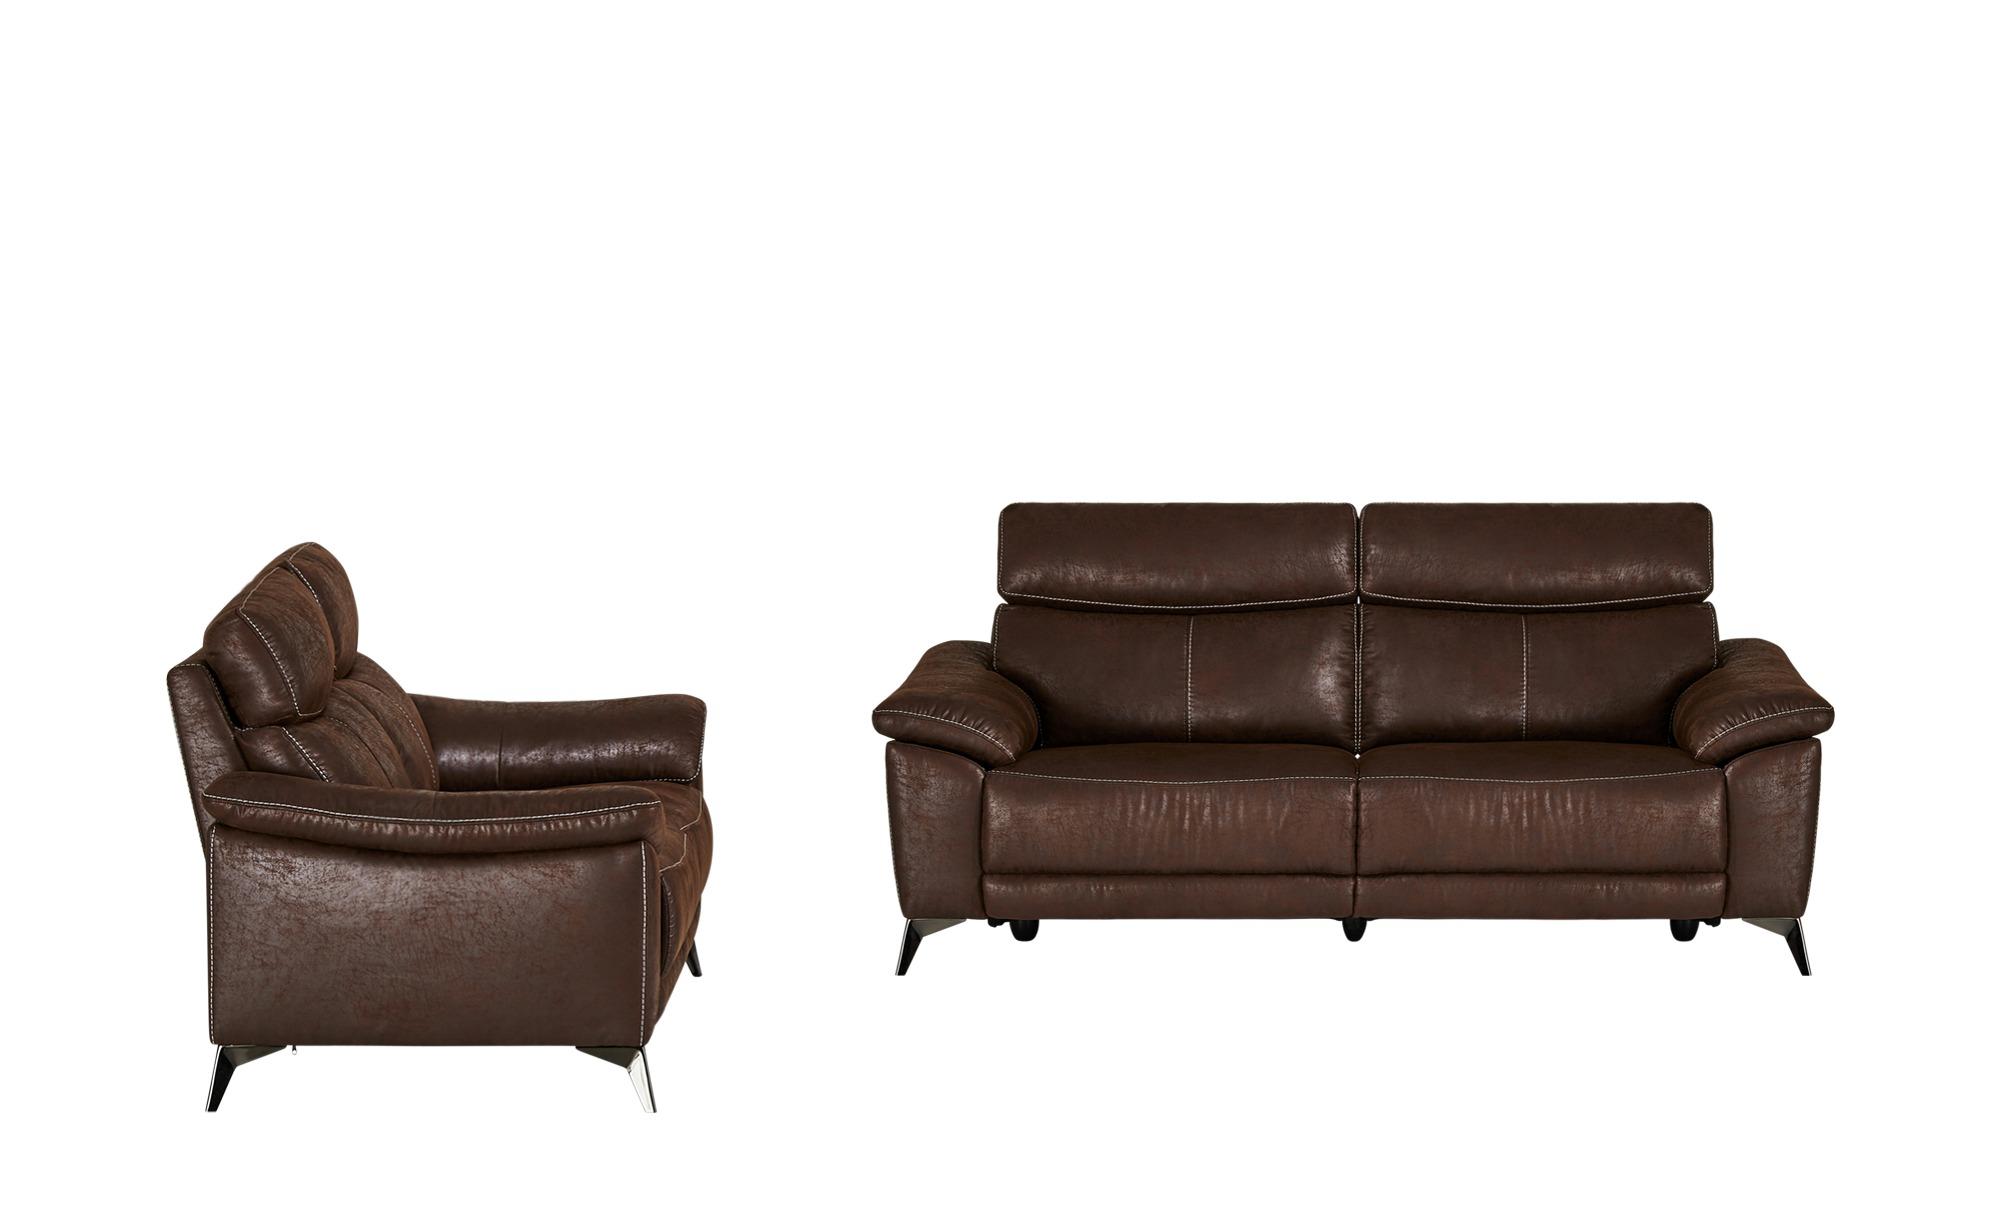 Sitzgruppe  Primo ¦ braun ¦ Maße (cm): H: 97 T: 97 Polstermöbel > Sofas > Sitzgruppen - Höffner